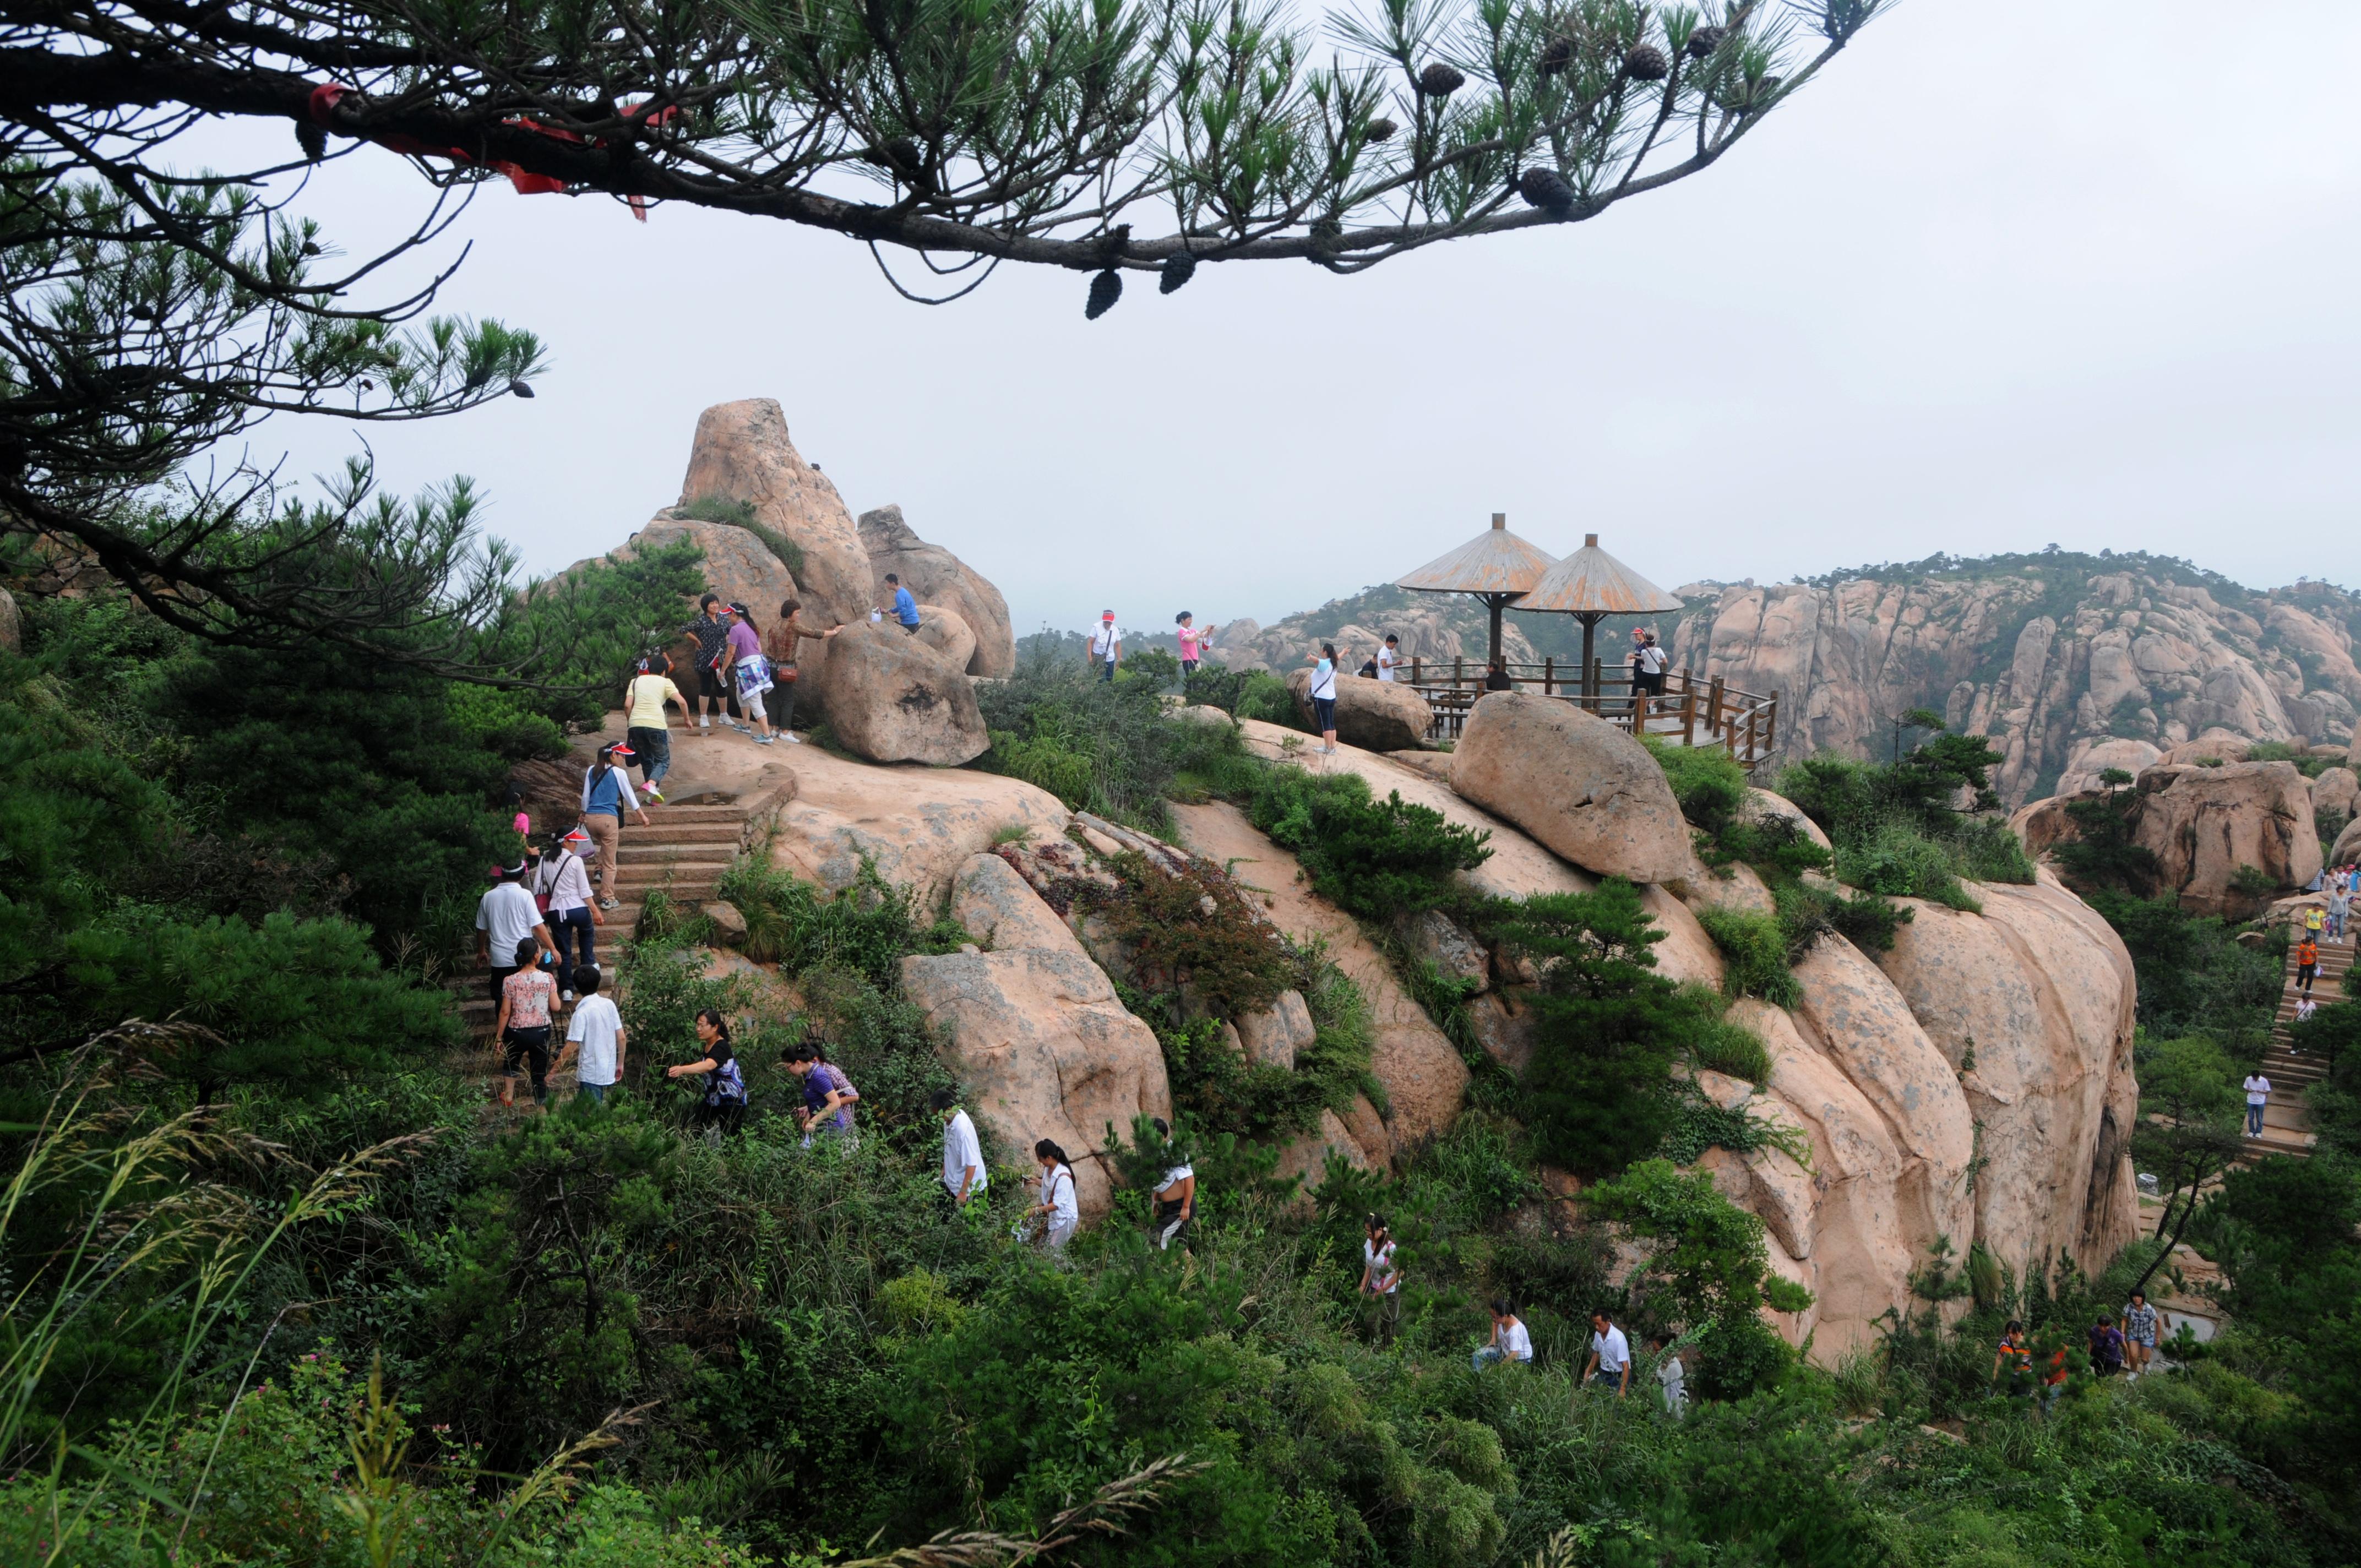 山风景名胜区,位于鲁东南沿海城市日照五莲县东南,东邻避暑胜地青岛